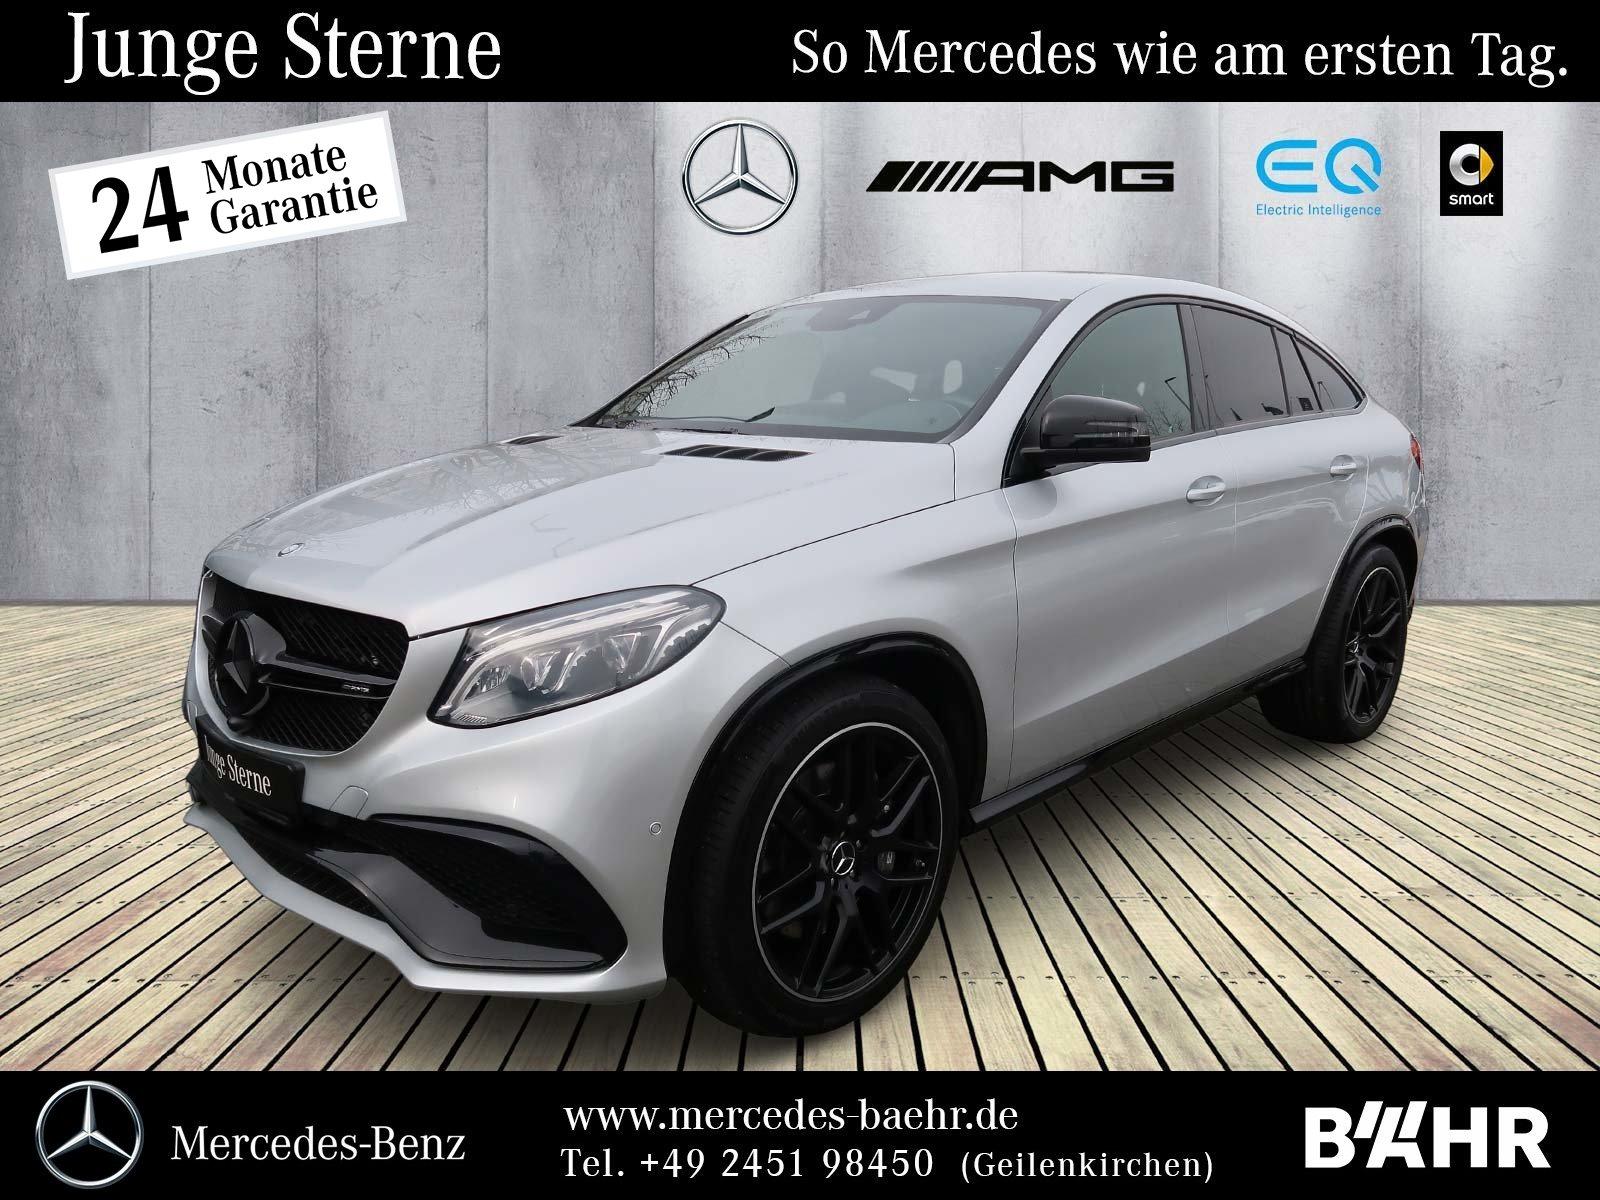 Mercedes-Benz GLE 63 4M Coupé Night/Comand/ILS/Airmatic/LMR-22, Jahr 2016, Benzin